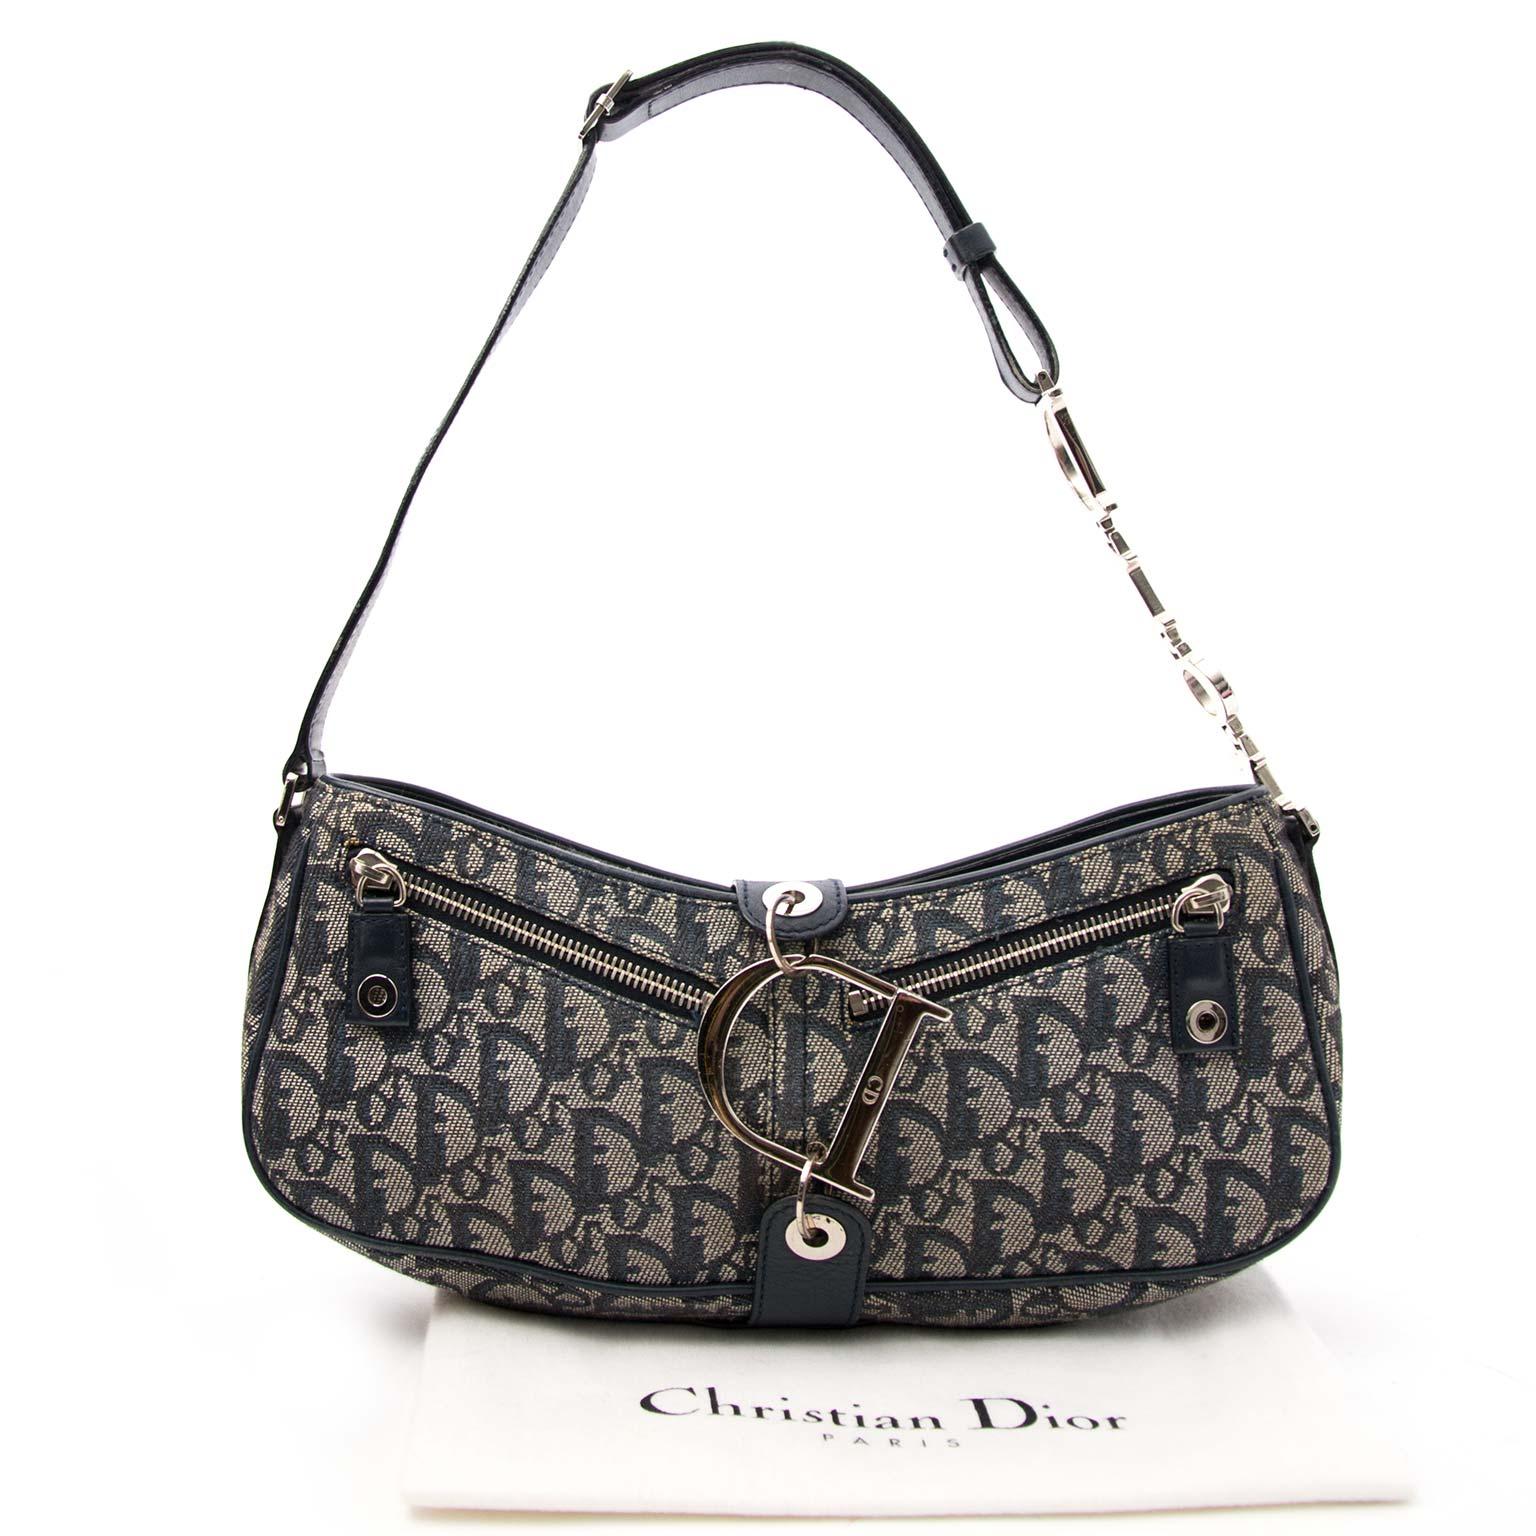 92c17bae8236 ... Dior Monogram Saddle Bag online aan de beste prijs tweedehands  handtassen